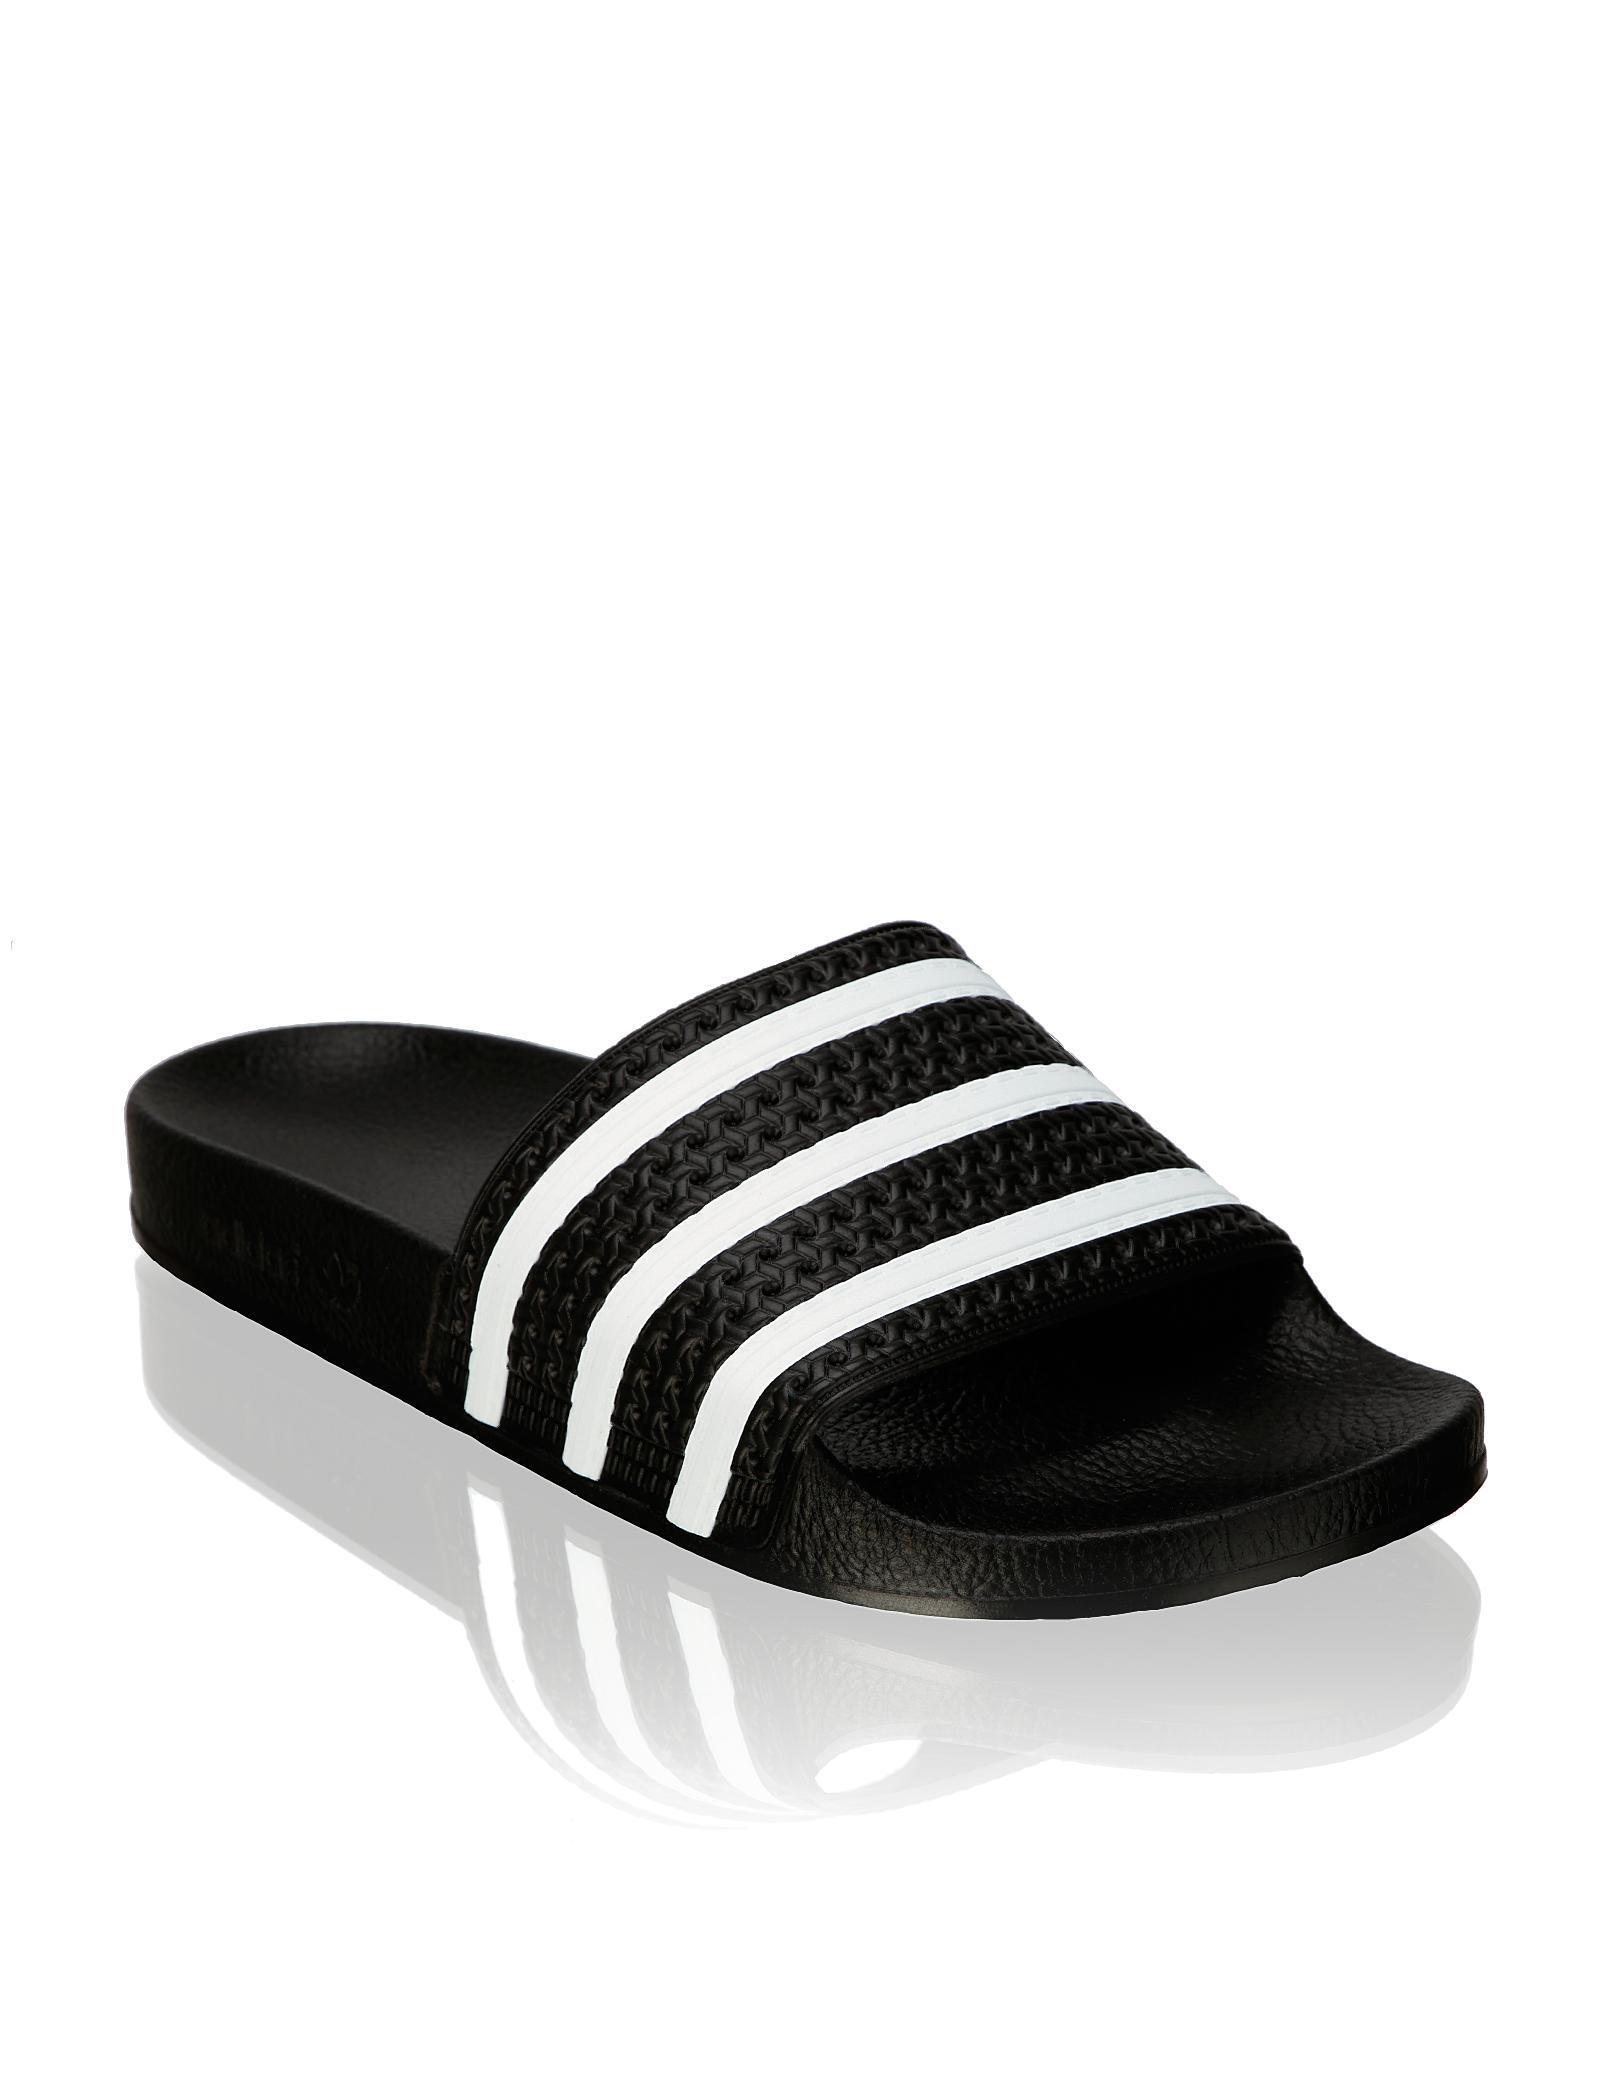 adidas Originals Adilette M Badelatschen Badeslipper Herren